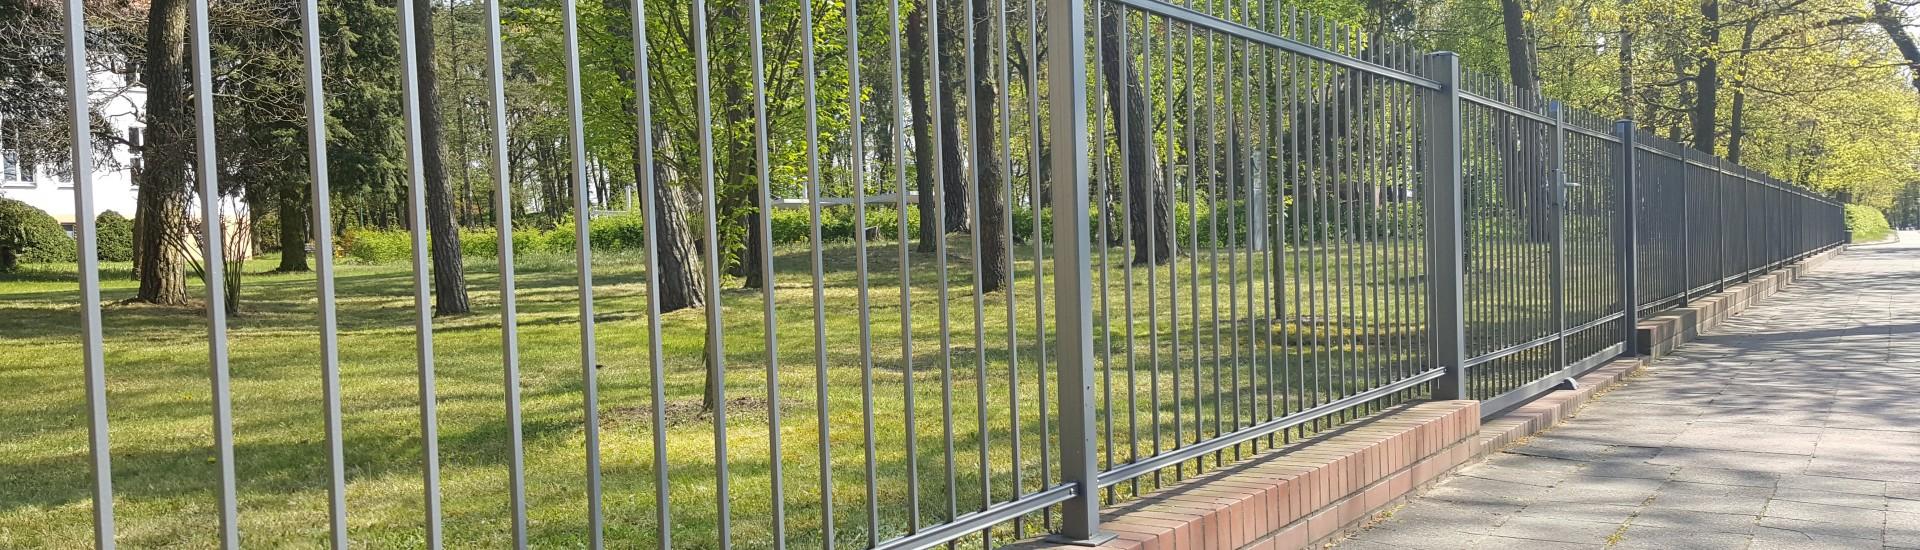 Nagamet Zäune - Alles direkt vom Hersteller